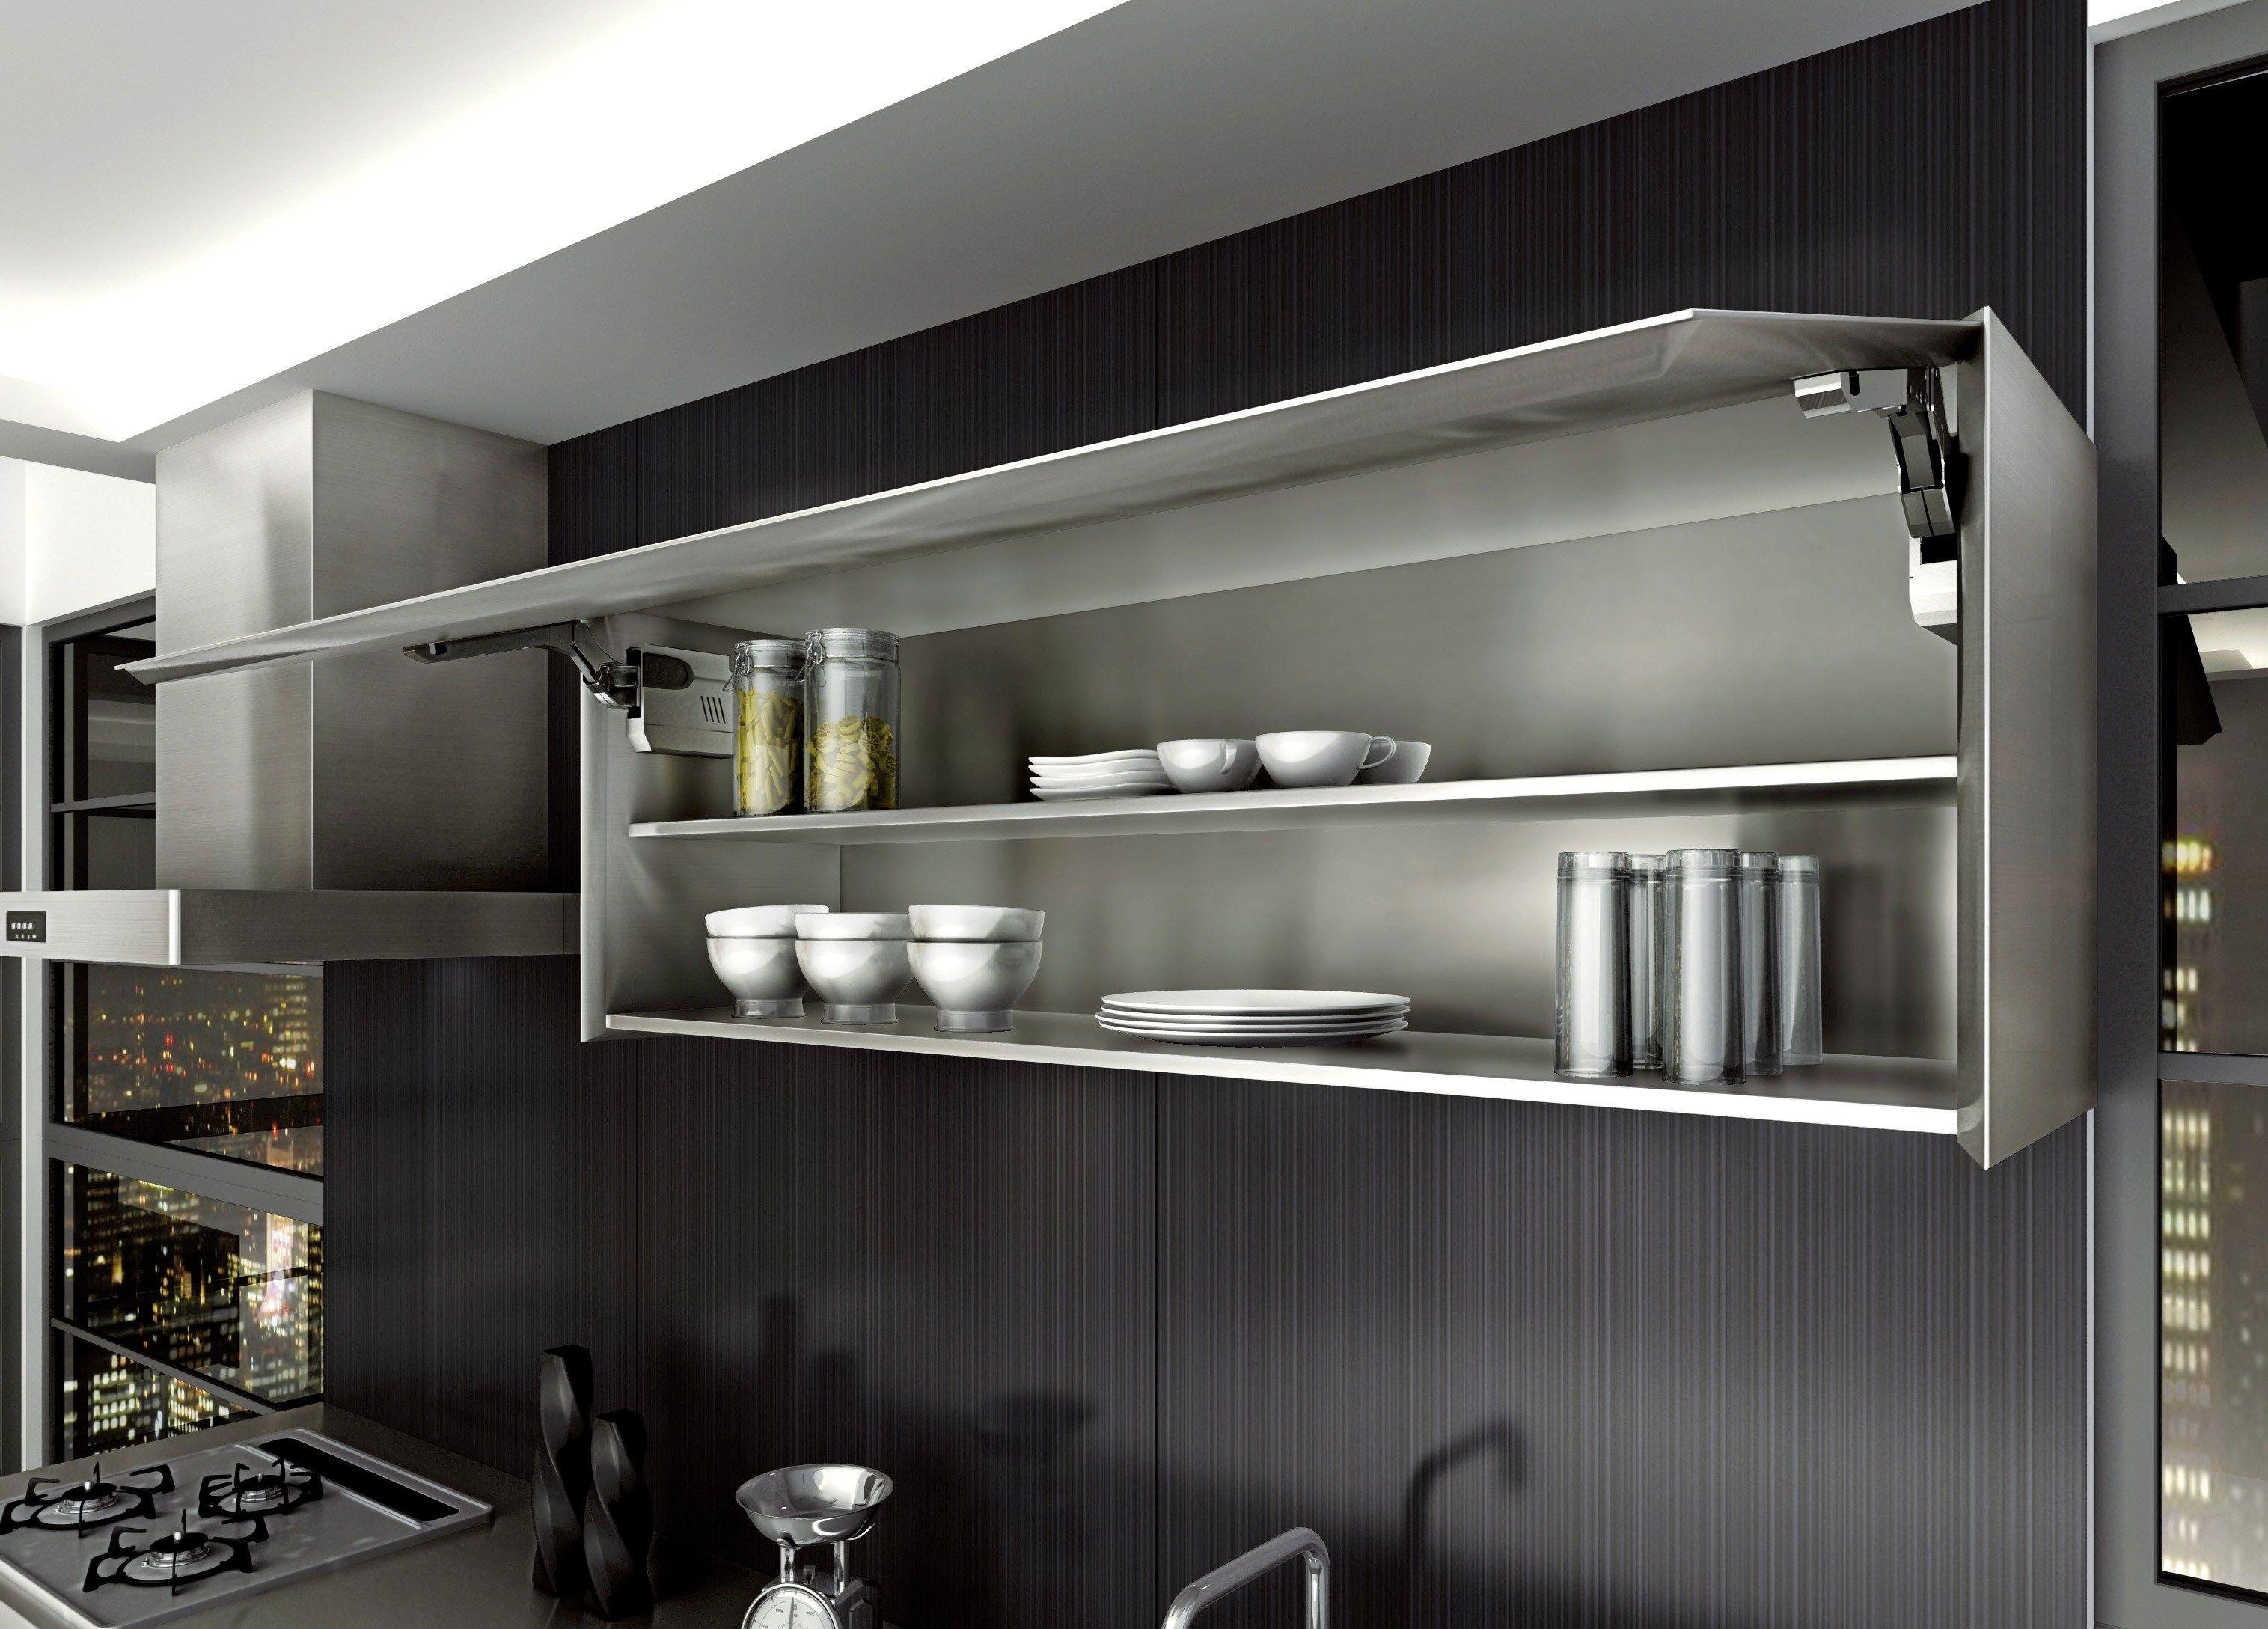 Cucina in acciaio inox senza maniglie grad45 by sanwa company - Maniglie cucina acciaio ...